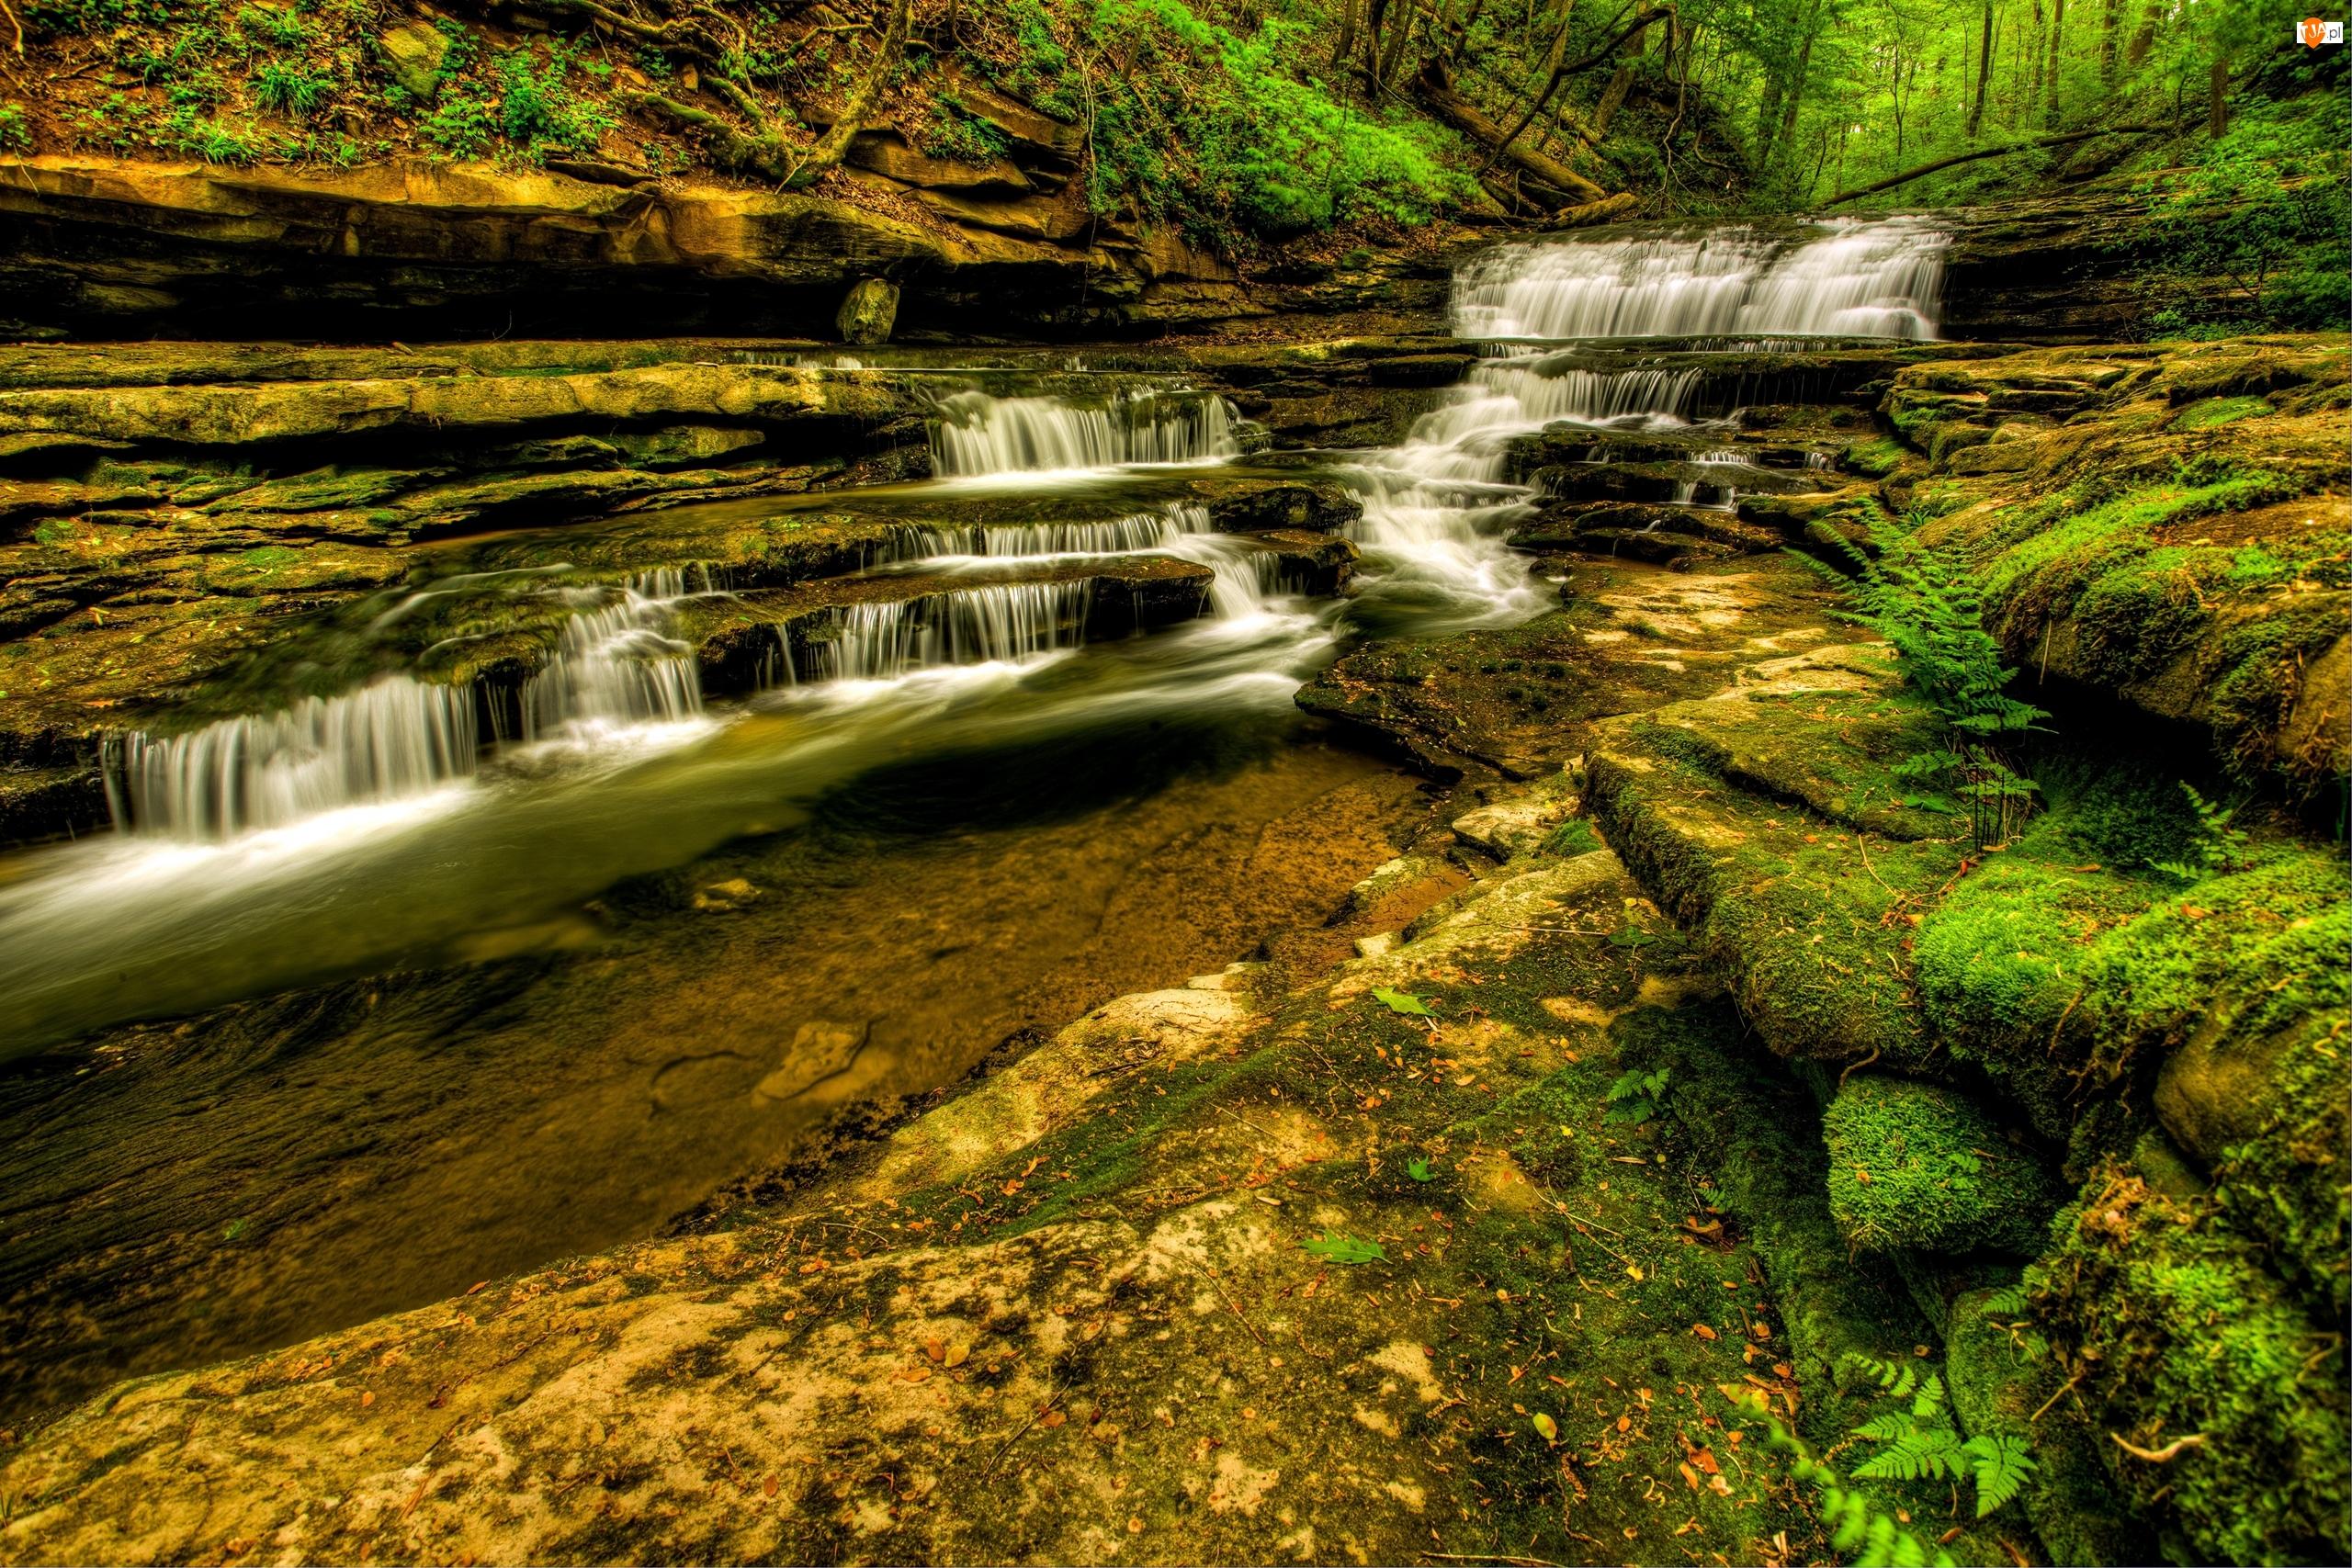 Skały, Stany Zjednoczone, Wodospady Meadow Creek Cascades, Kaskada